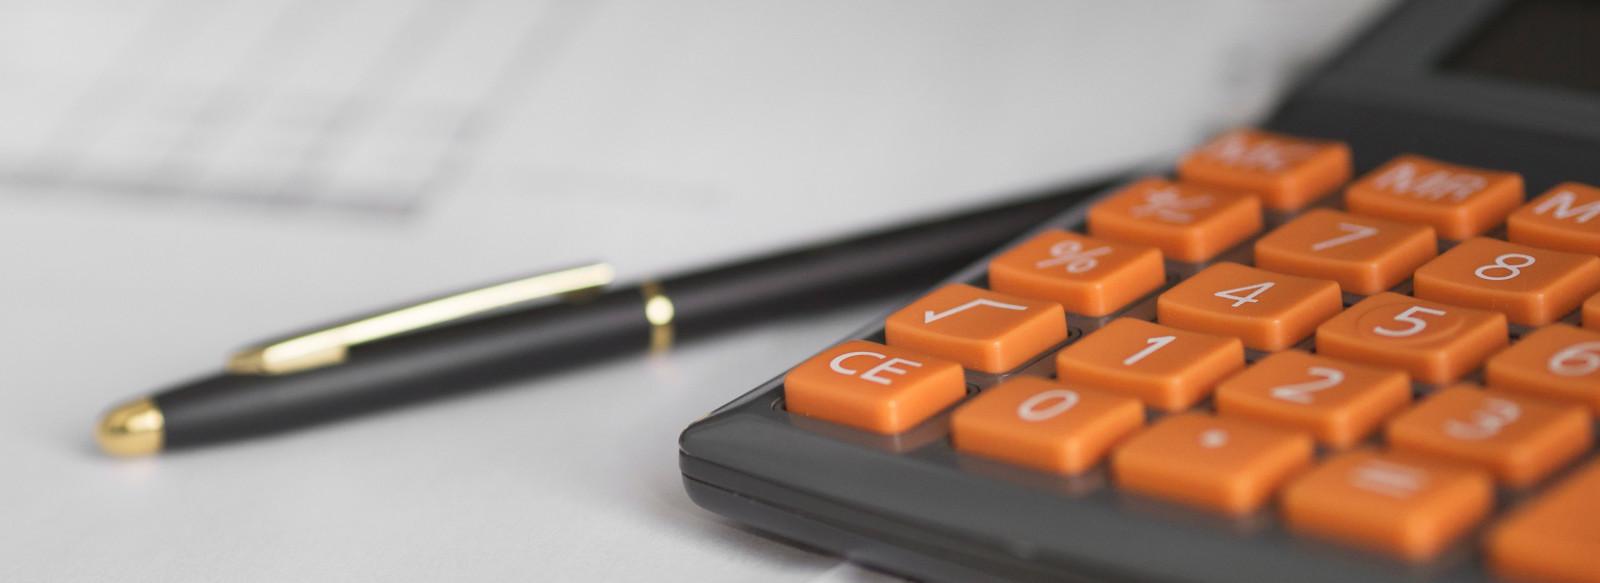 Finanzierung - Staplernutzung mit Geld-zurück-Garantie!